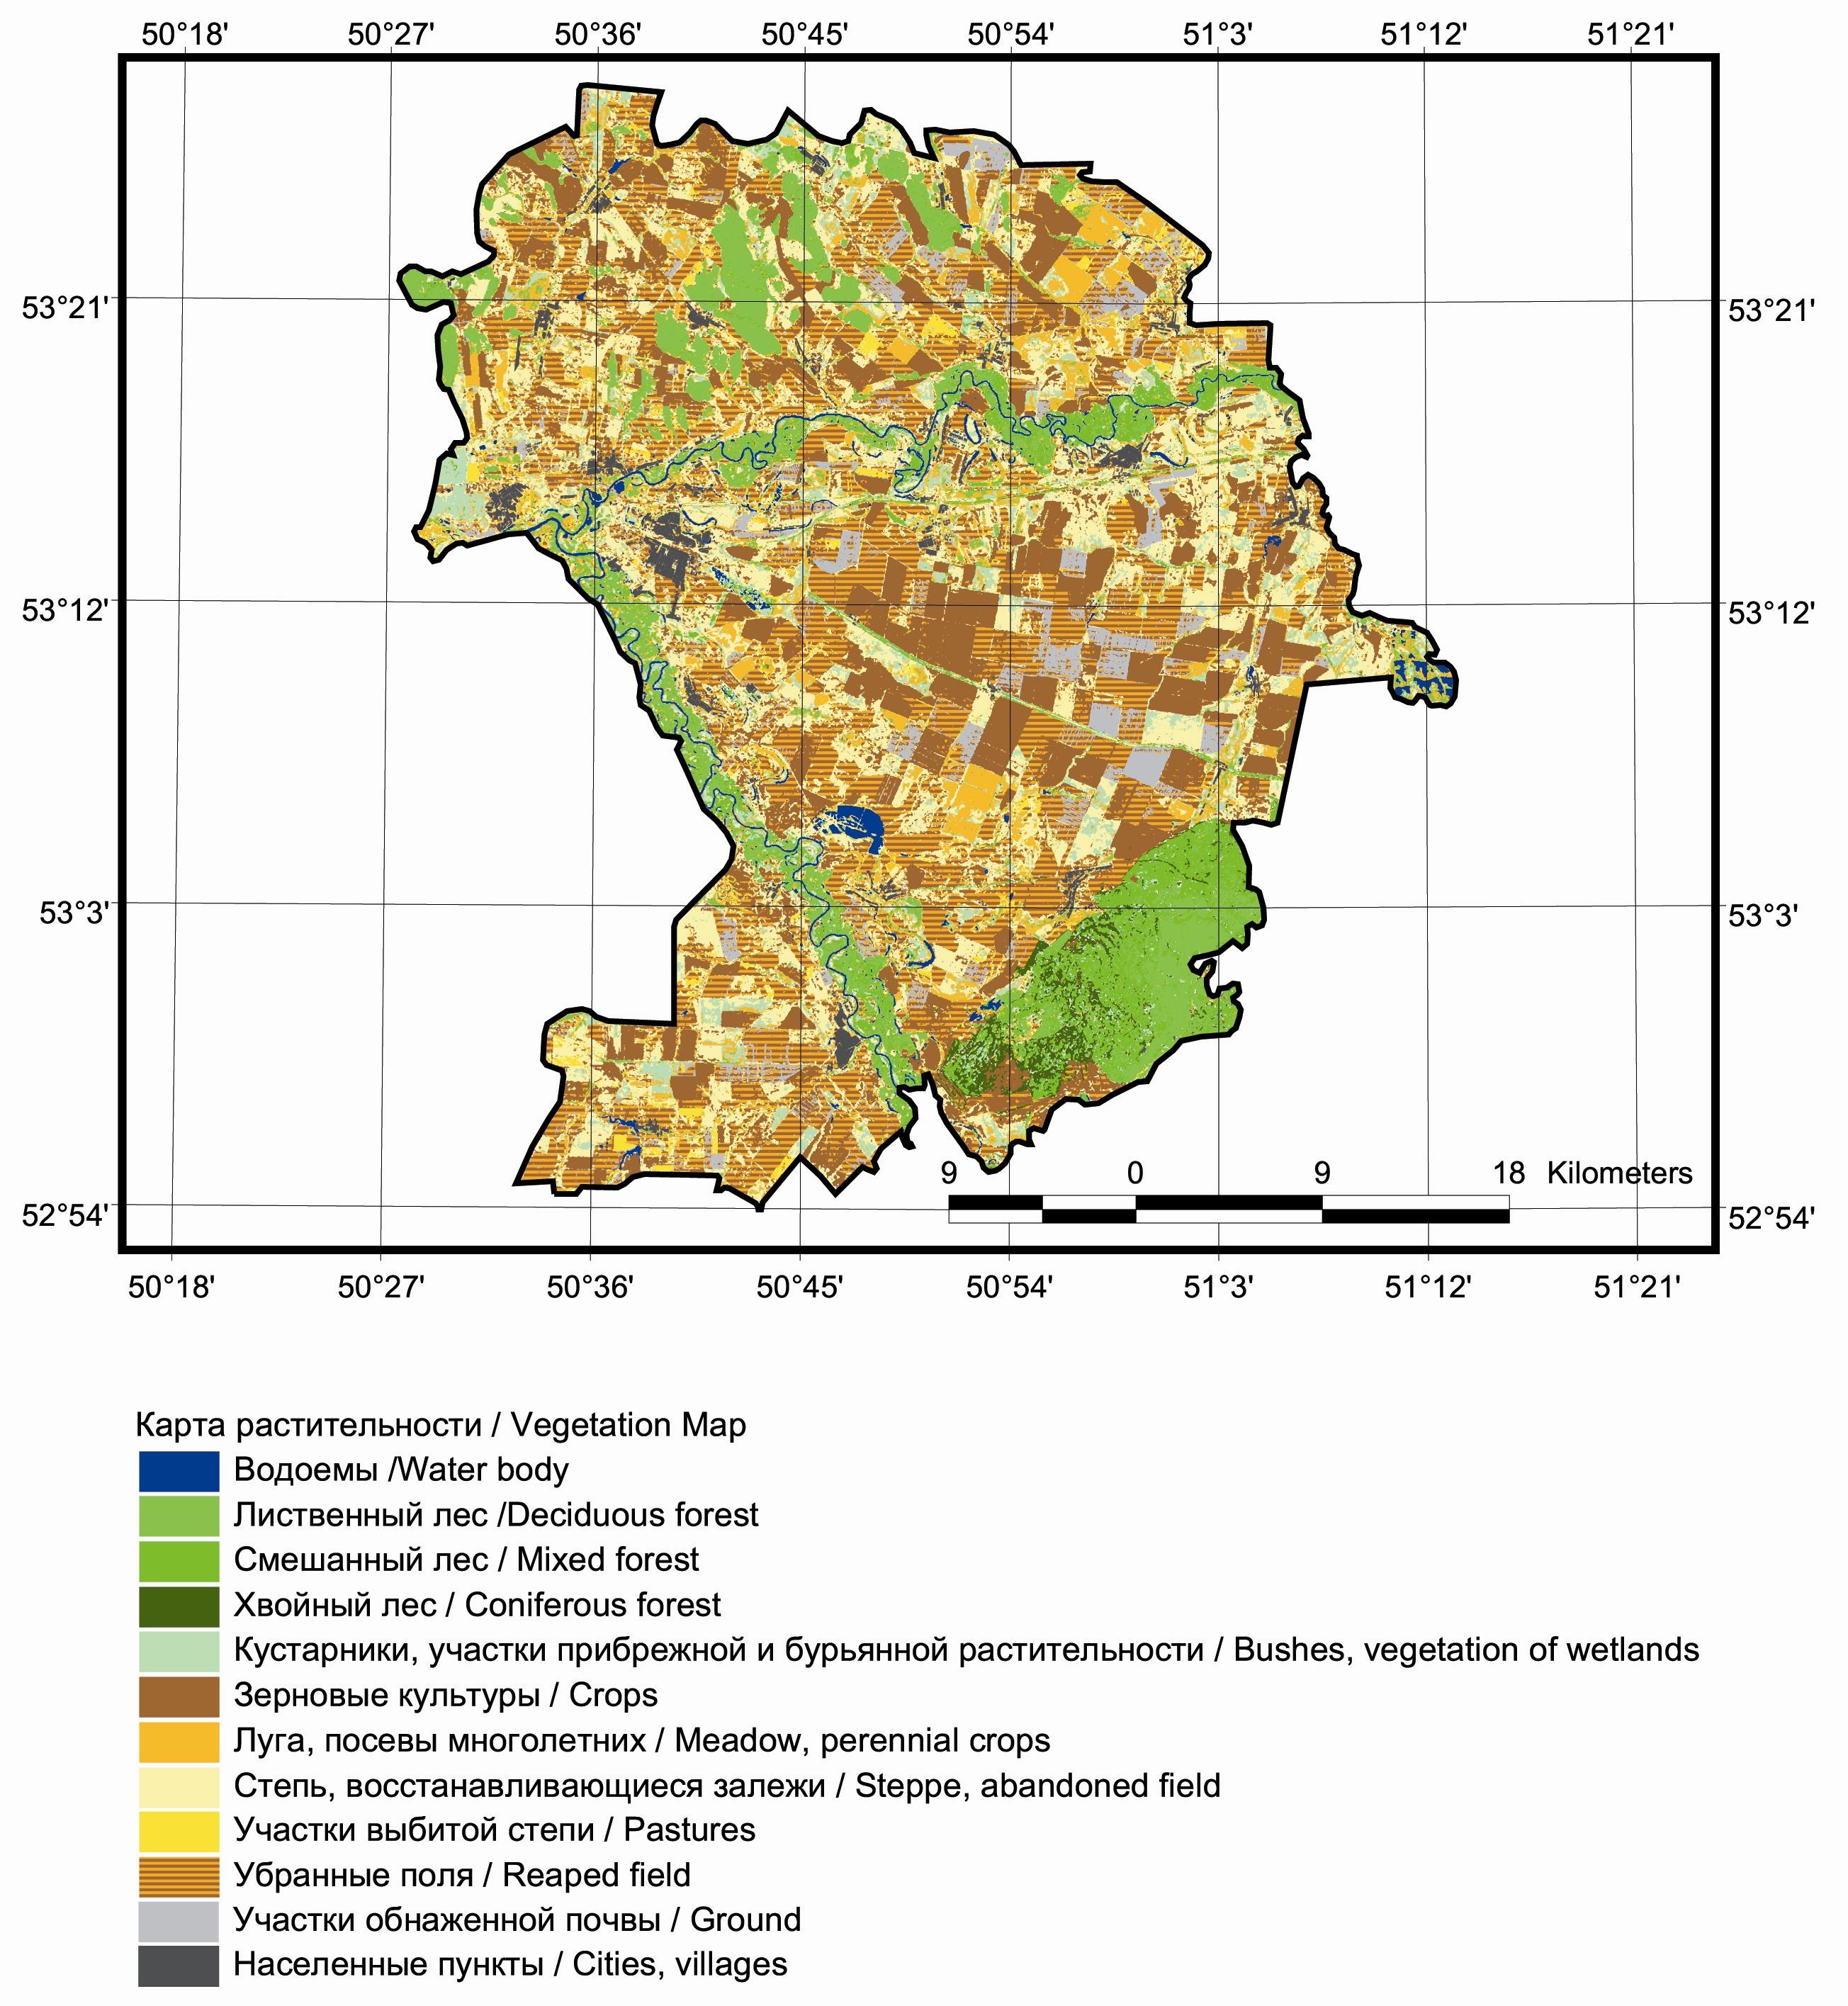 Рис. 427. Карта растительности Кинельского р-на Самарской области